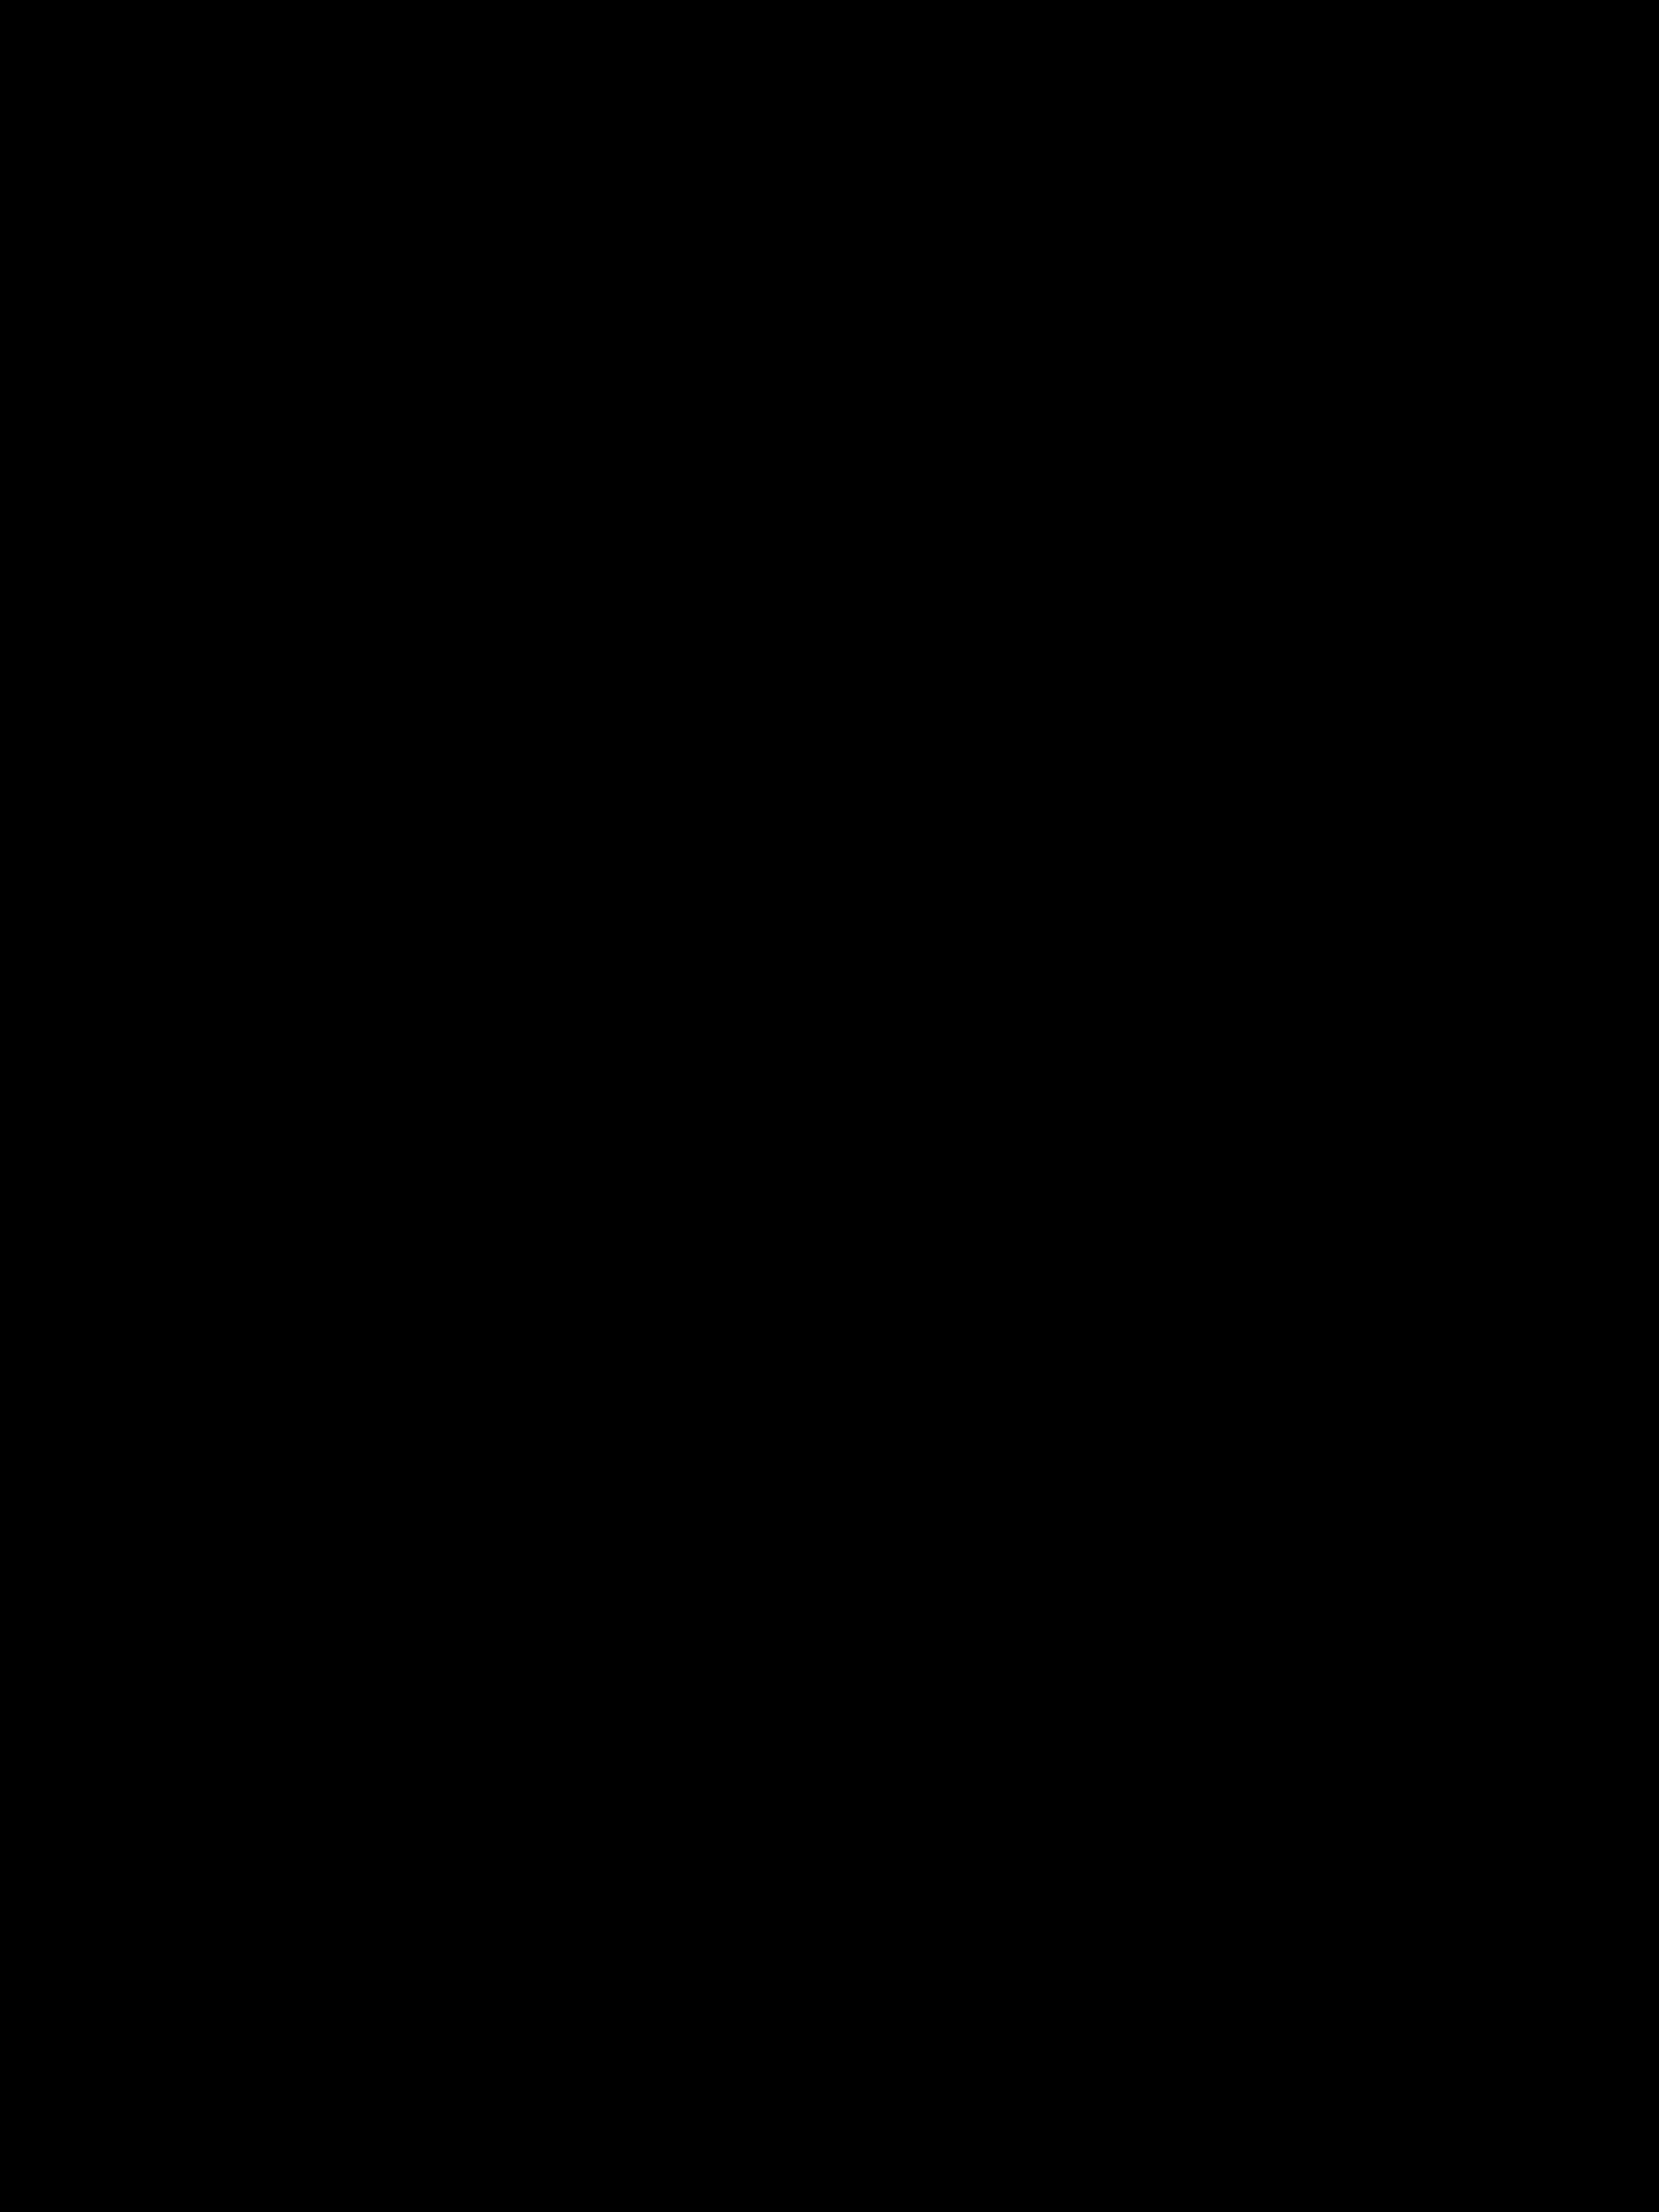 Poster EAPS Evolución Índice Esfuerzo Cuidador